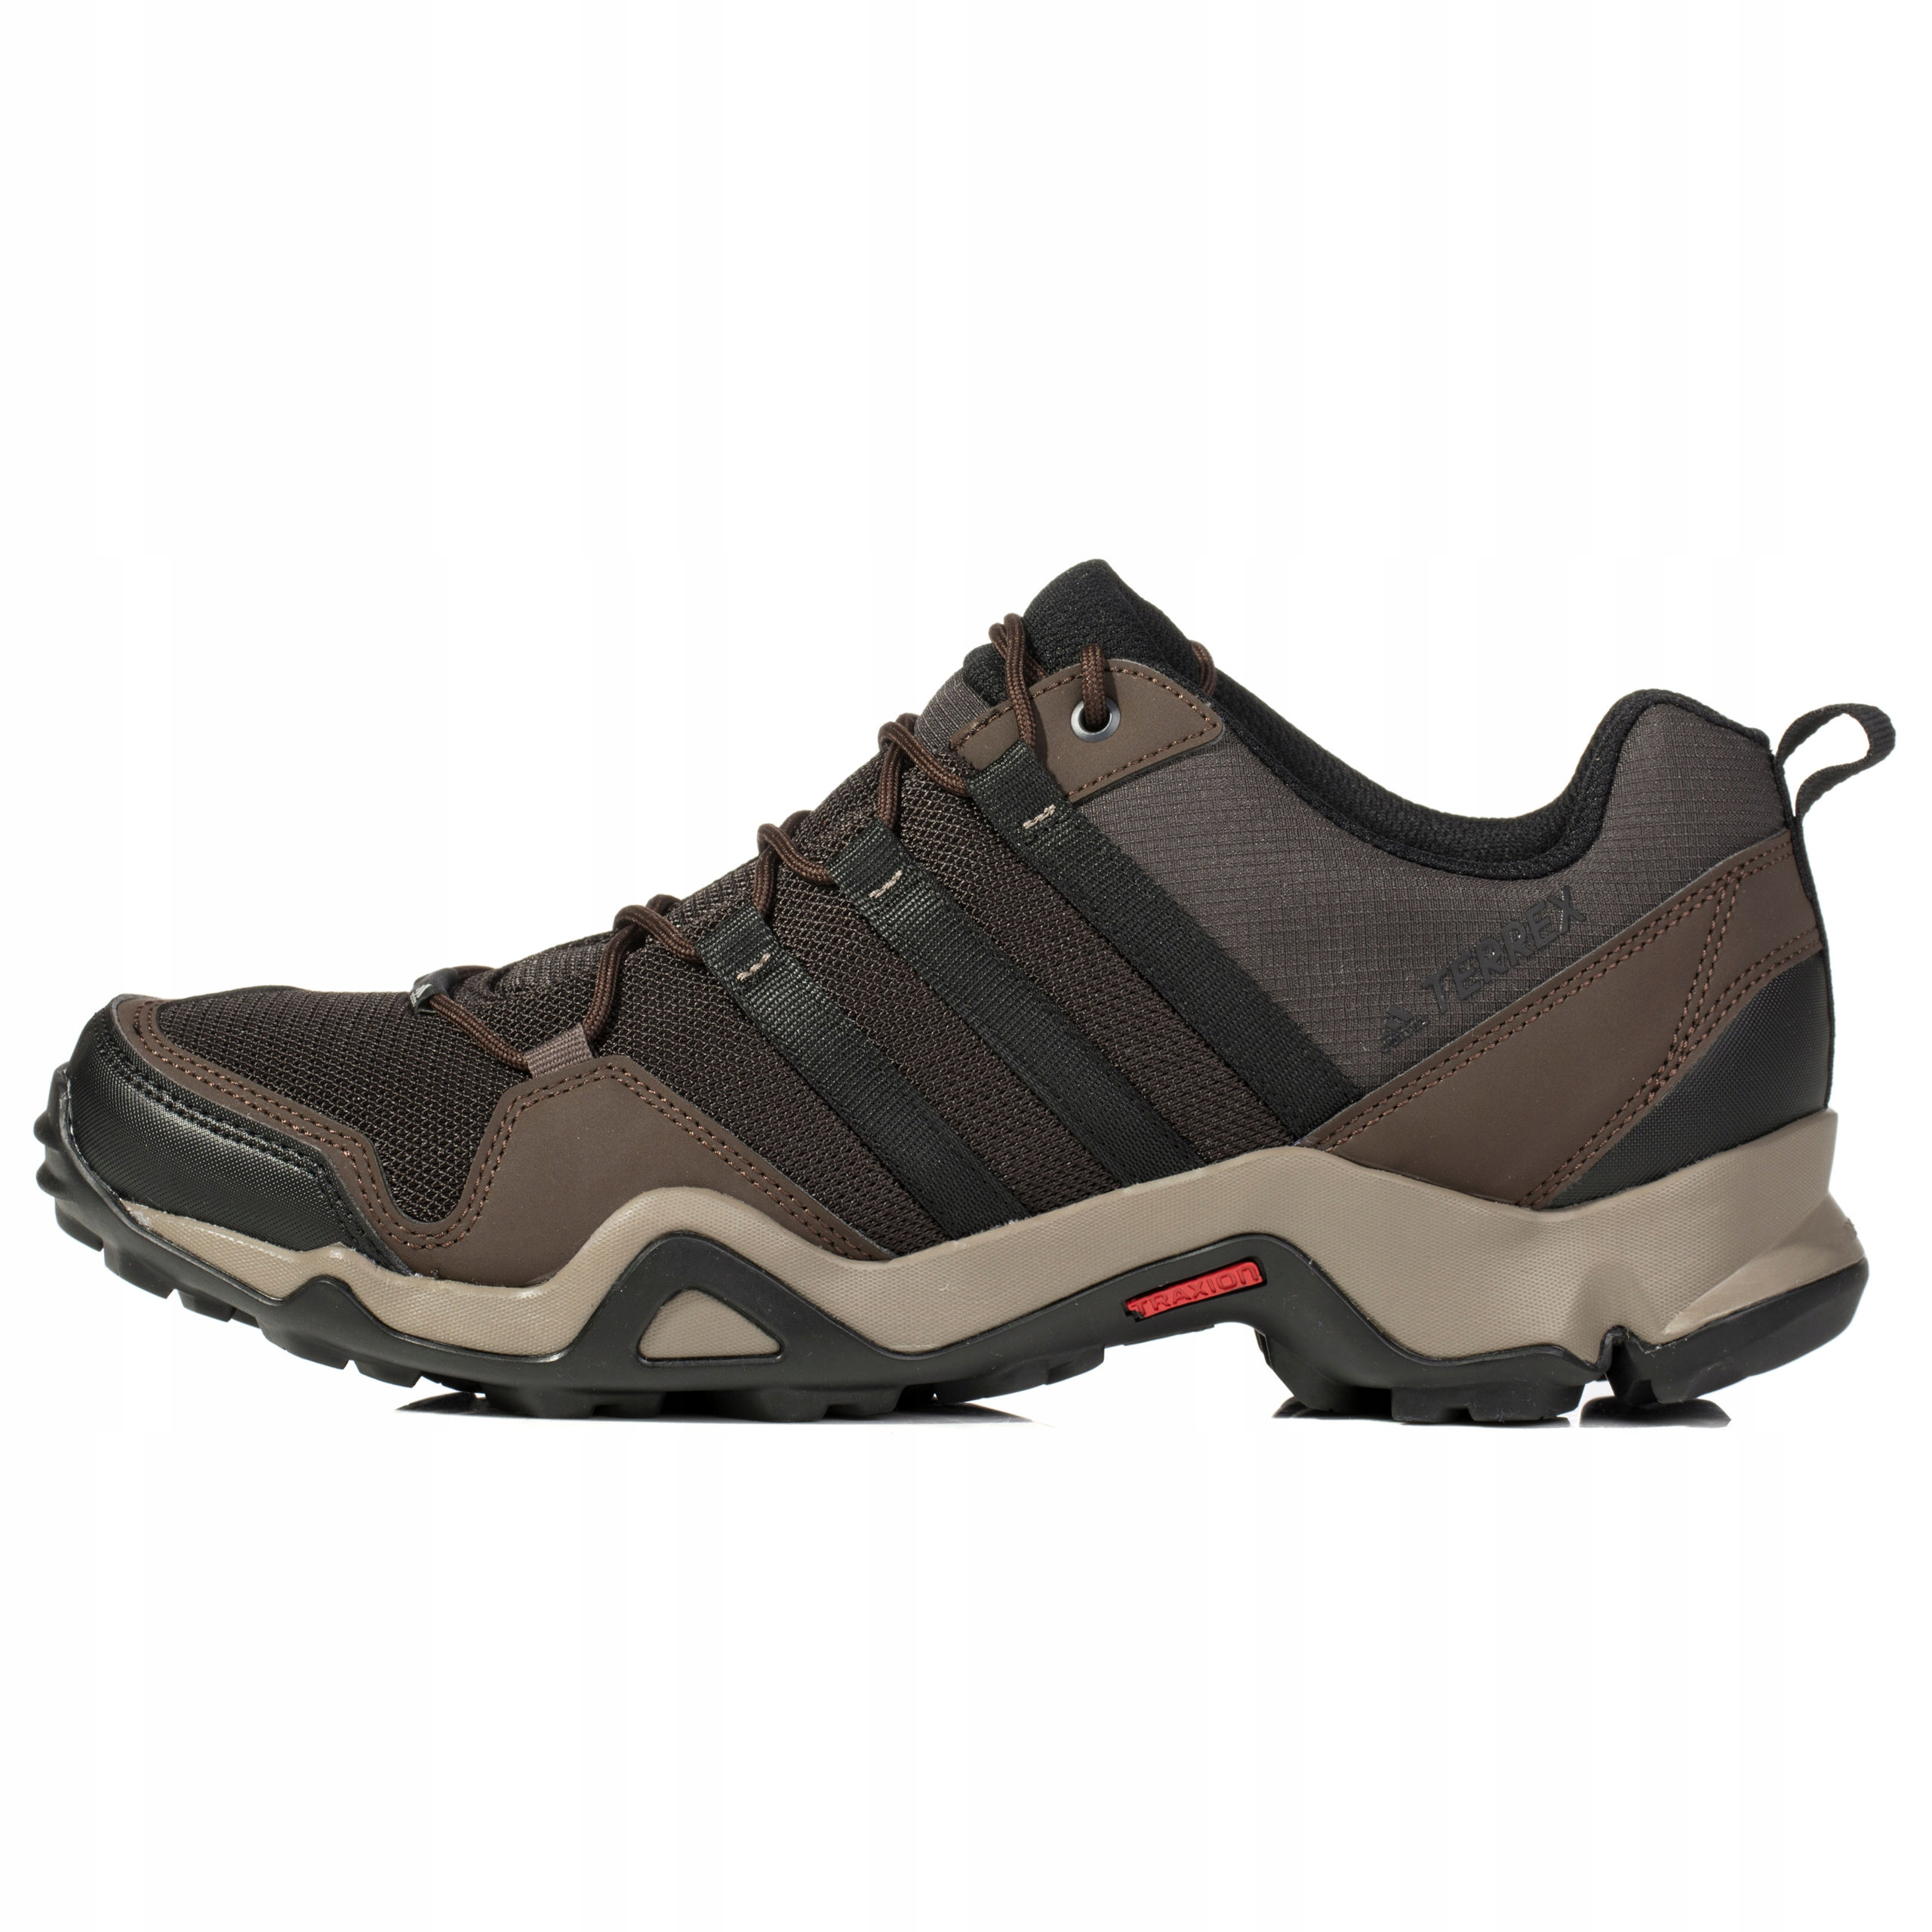 Buty męskie adidas Terrex AX2R CM7726 7430706680